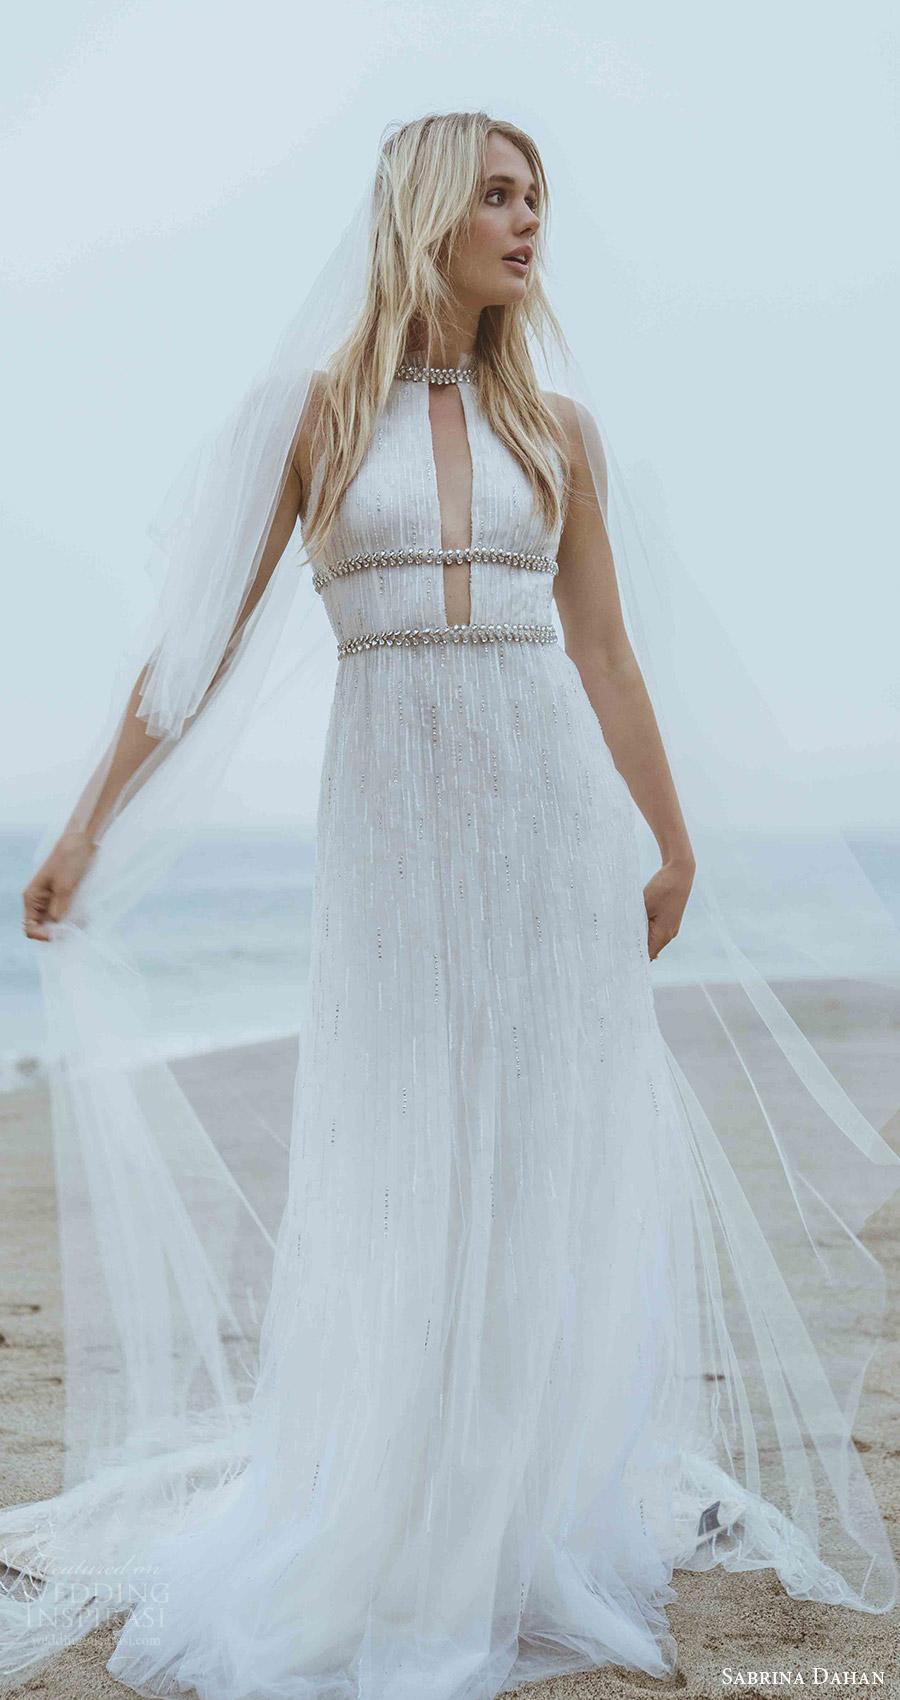 Sabrina Dahan Spring 2018 Wedding Dresses  Wedding Inspirasi